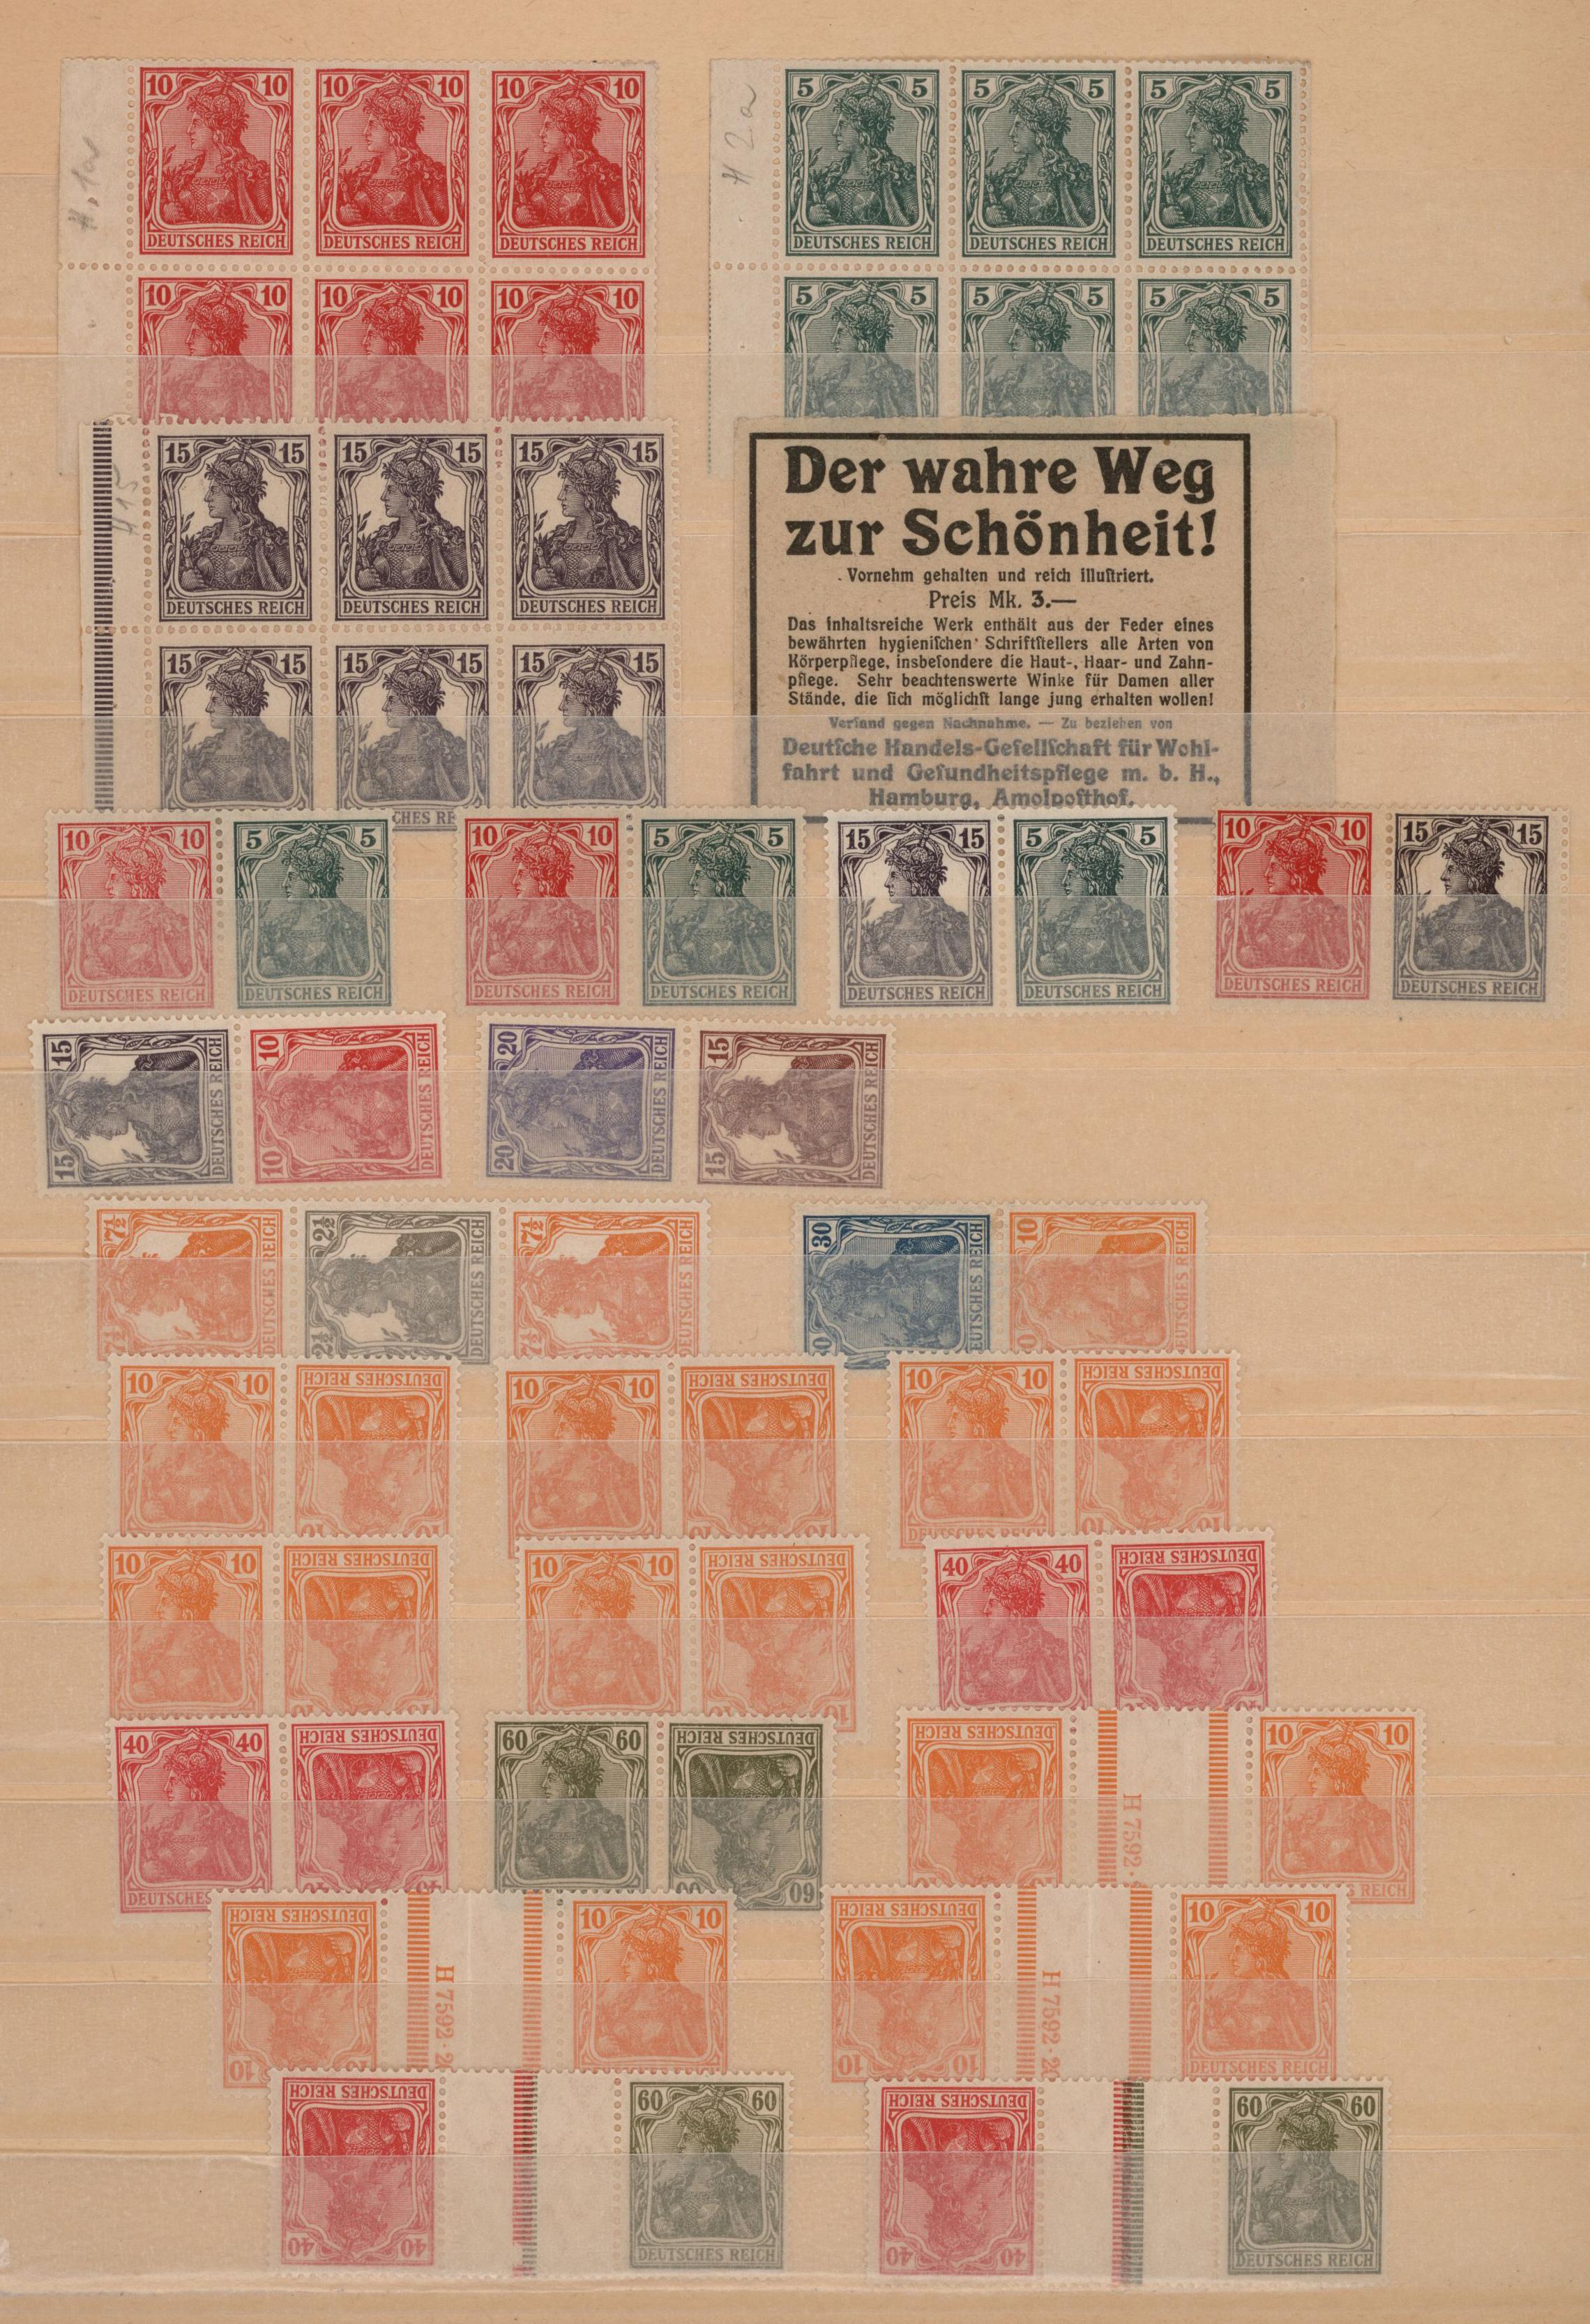 Lot 23404 - Deutsches Reich - Zusammendrucke  -  Auktionshaus Christoph Gärtner GmbH & Co. KG 50th Auction Anniversary Auction - Day 7